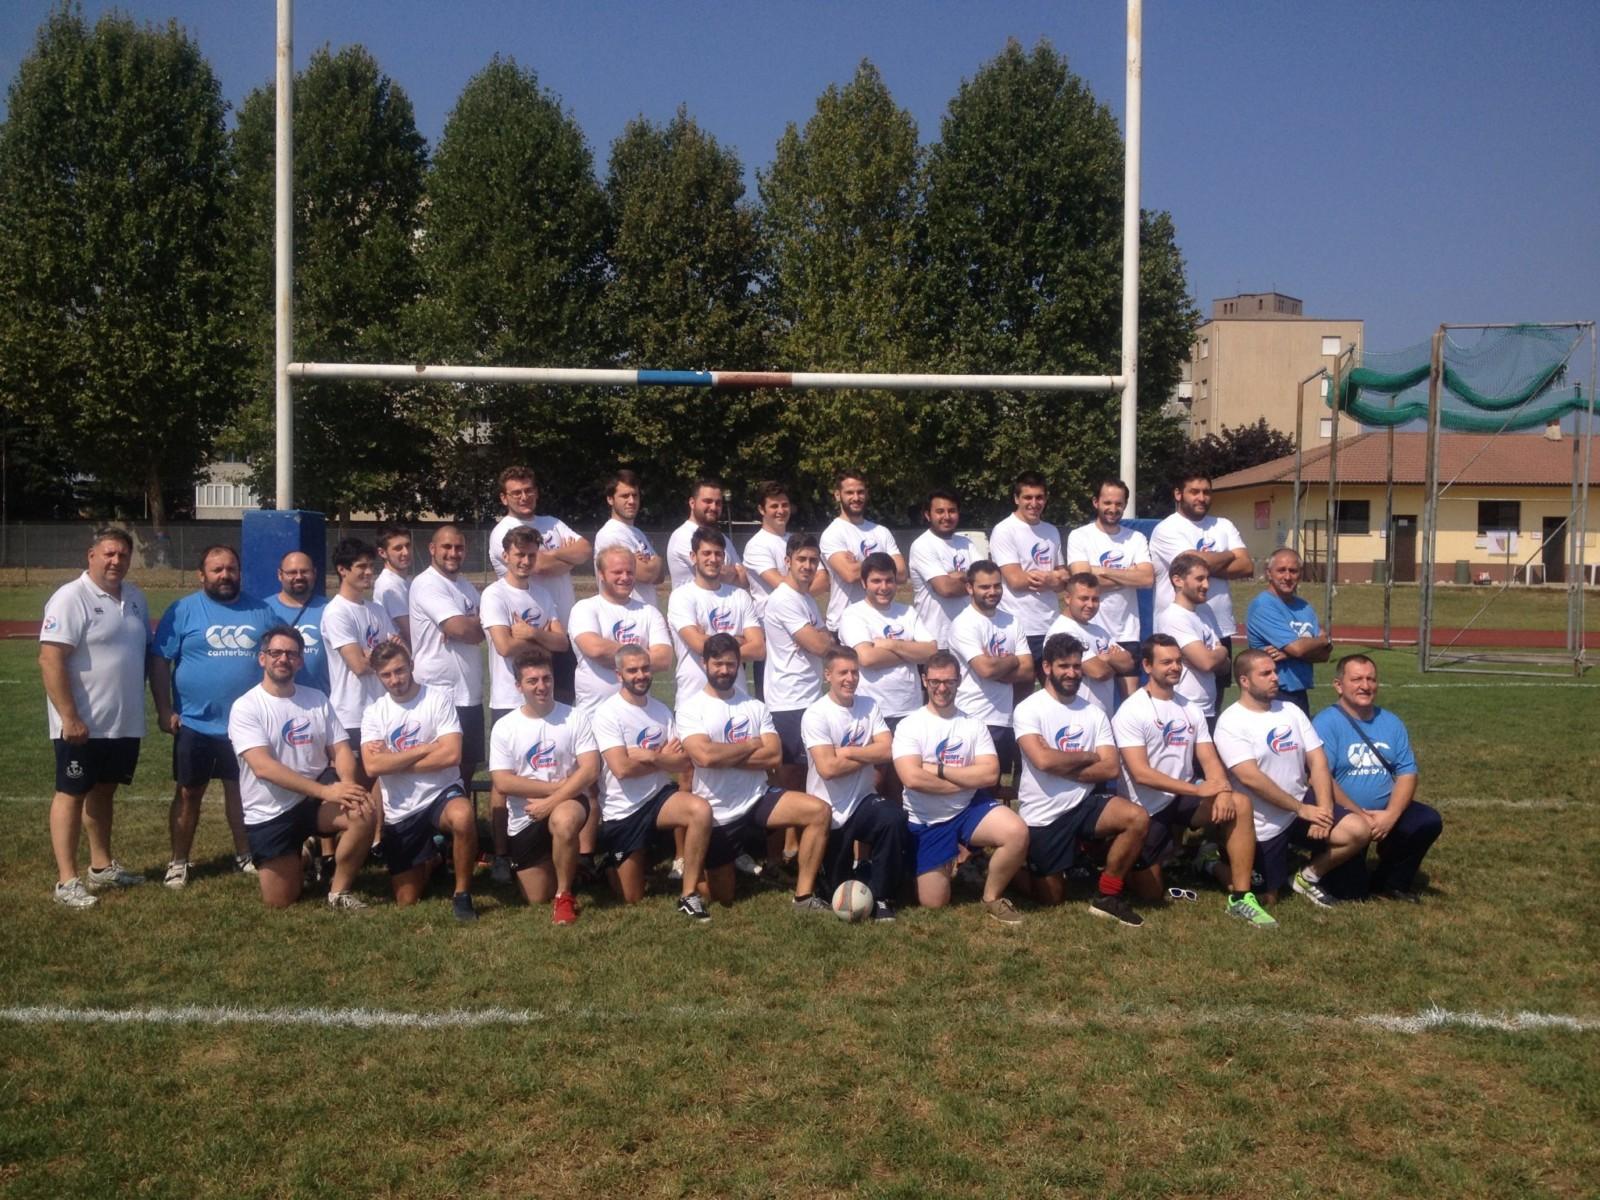 016-17_SerieC Rugby Parabiago